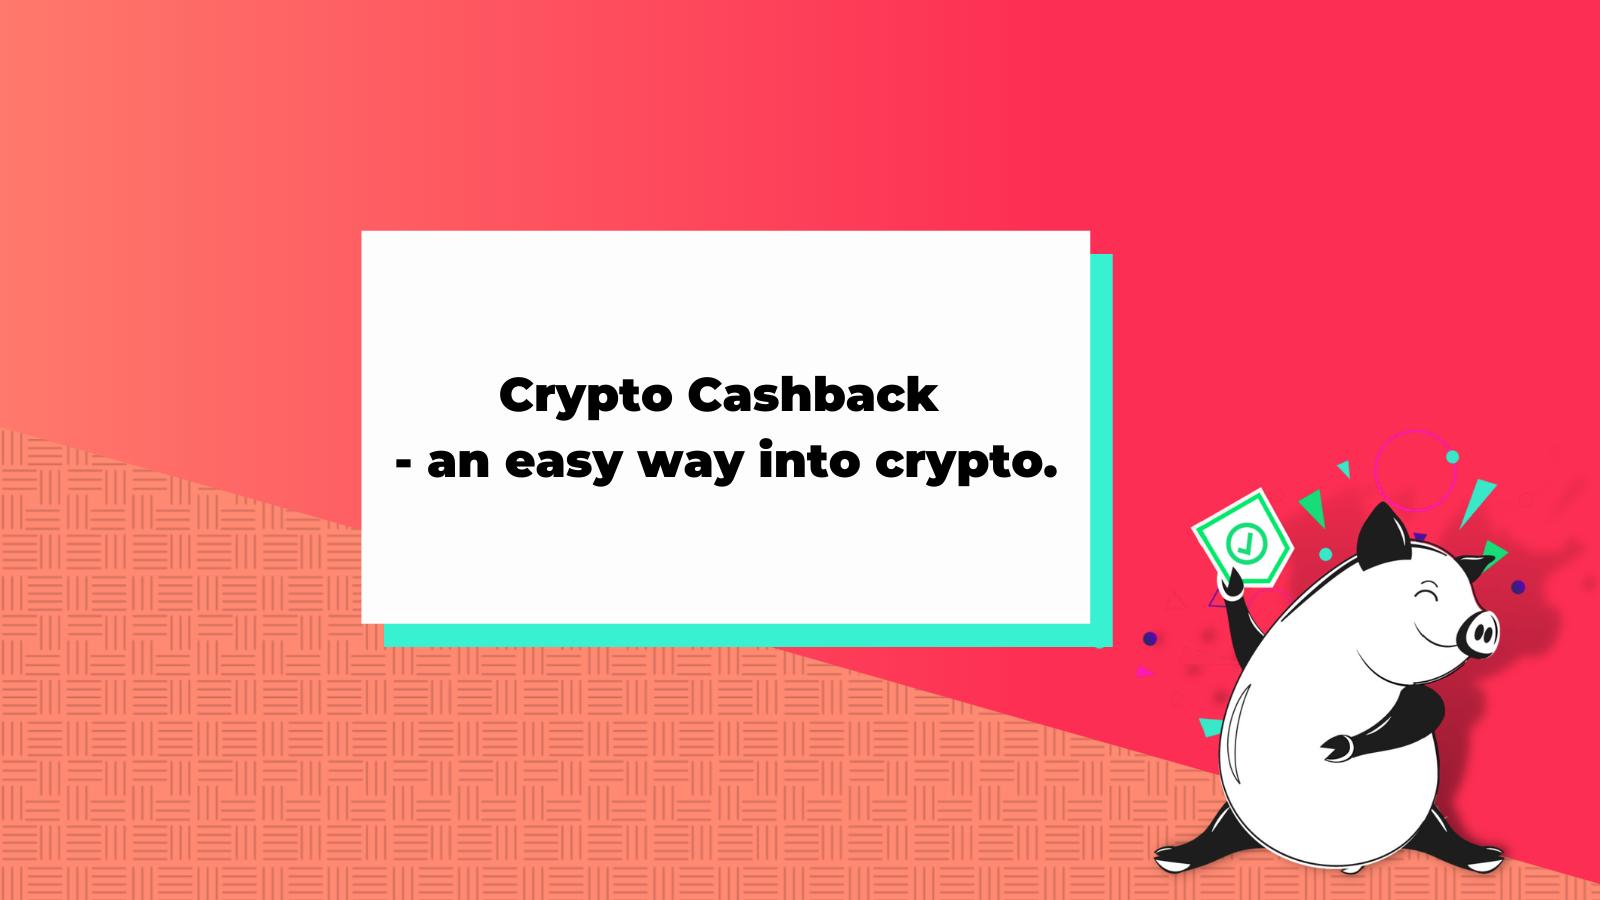 Crypto Cashback - an easy way into crypto